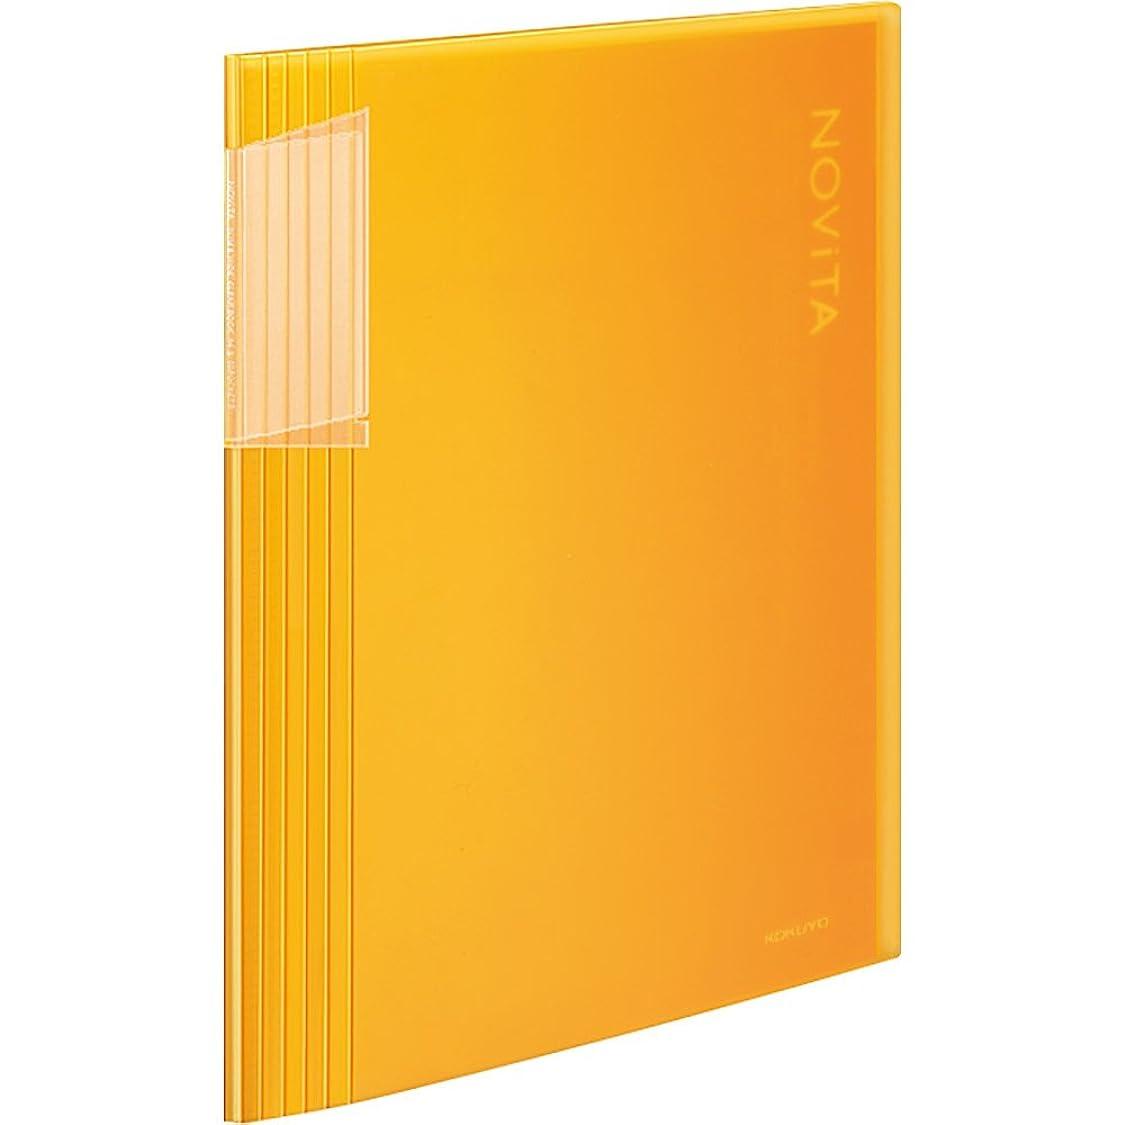 めんどりインターネットほんのナカバヤシ ファイル ポケットアルバム ディック?ブルーナ ミッフィー レッド 1PL-158-R